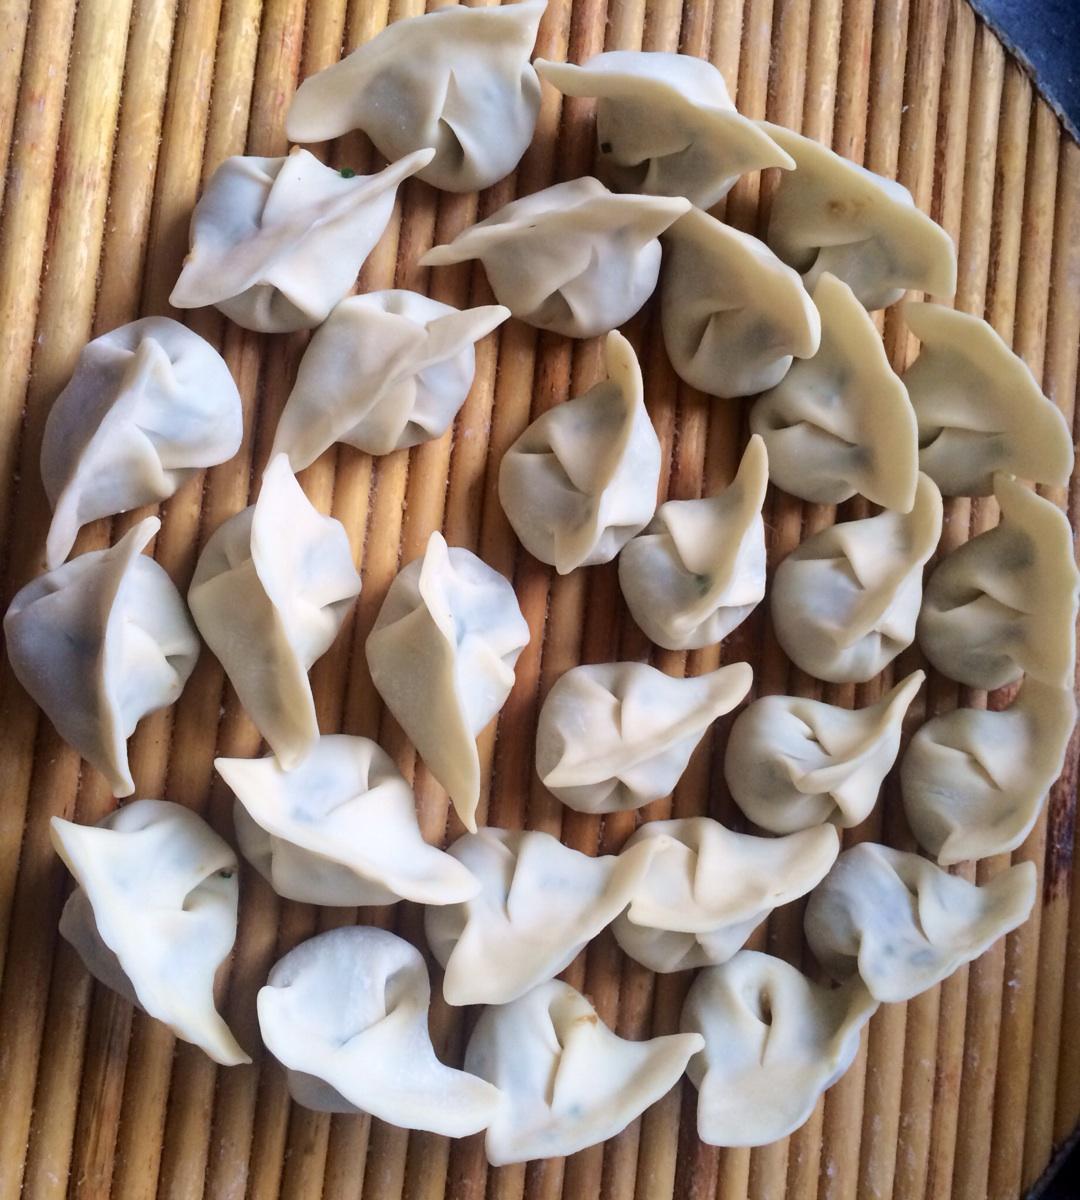 包出自己心仪的饺子形状